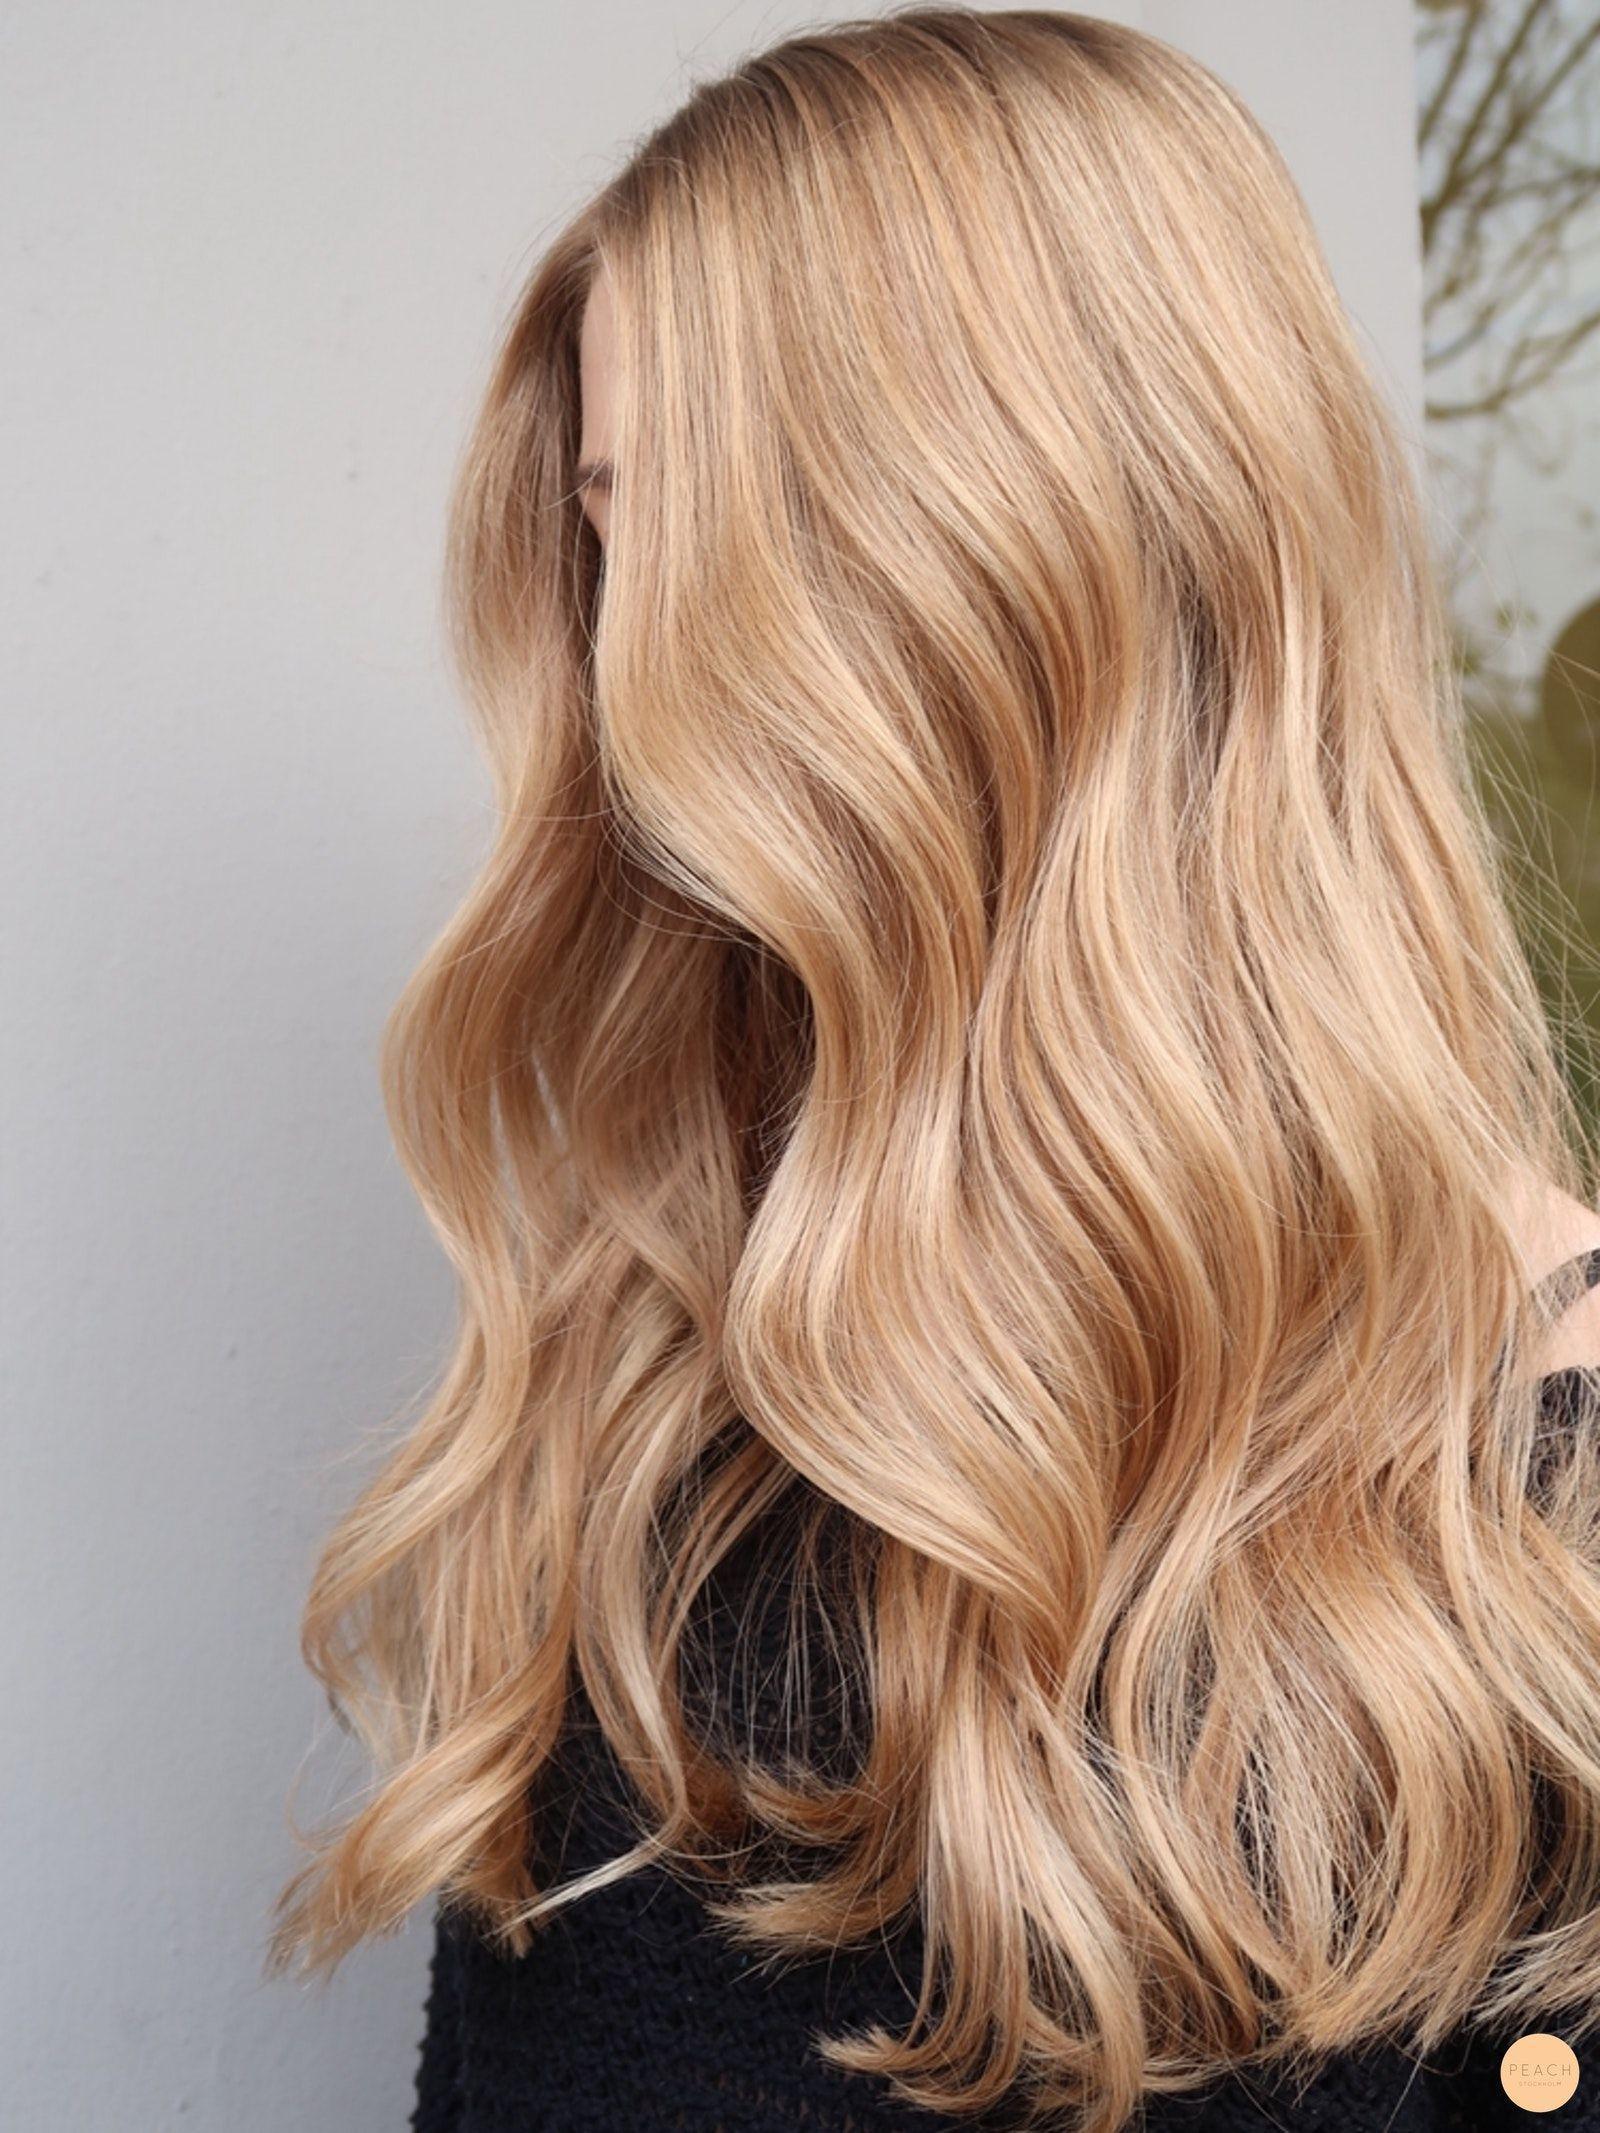 Natürliche Unterseite des heißen blonden balayage - Pfirsich Stockholm - #bala...,  #Bala #Ba... #blondebalayage